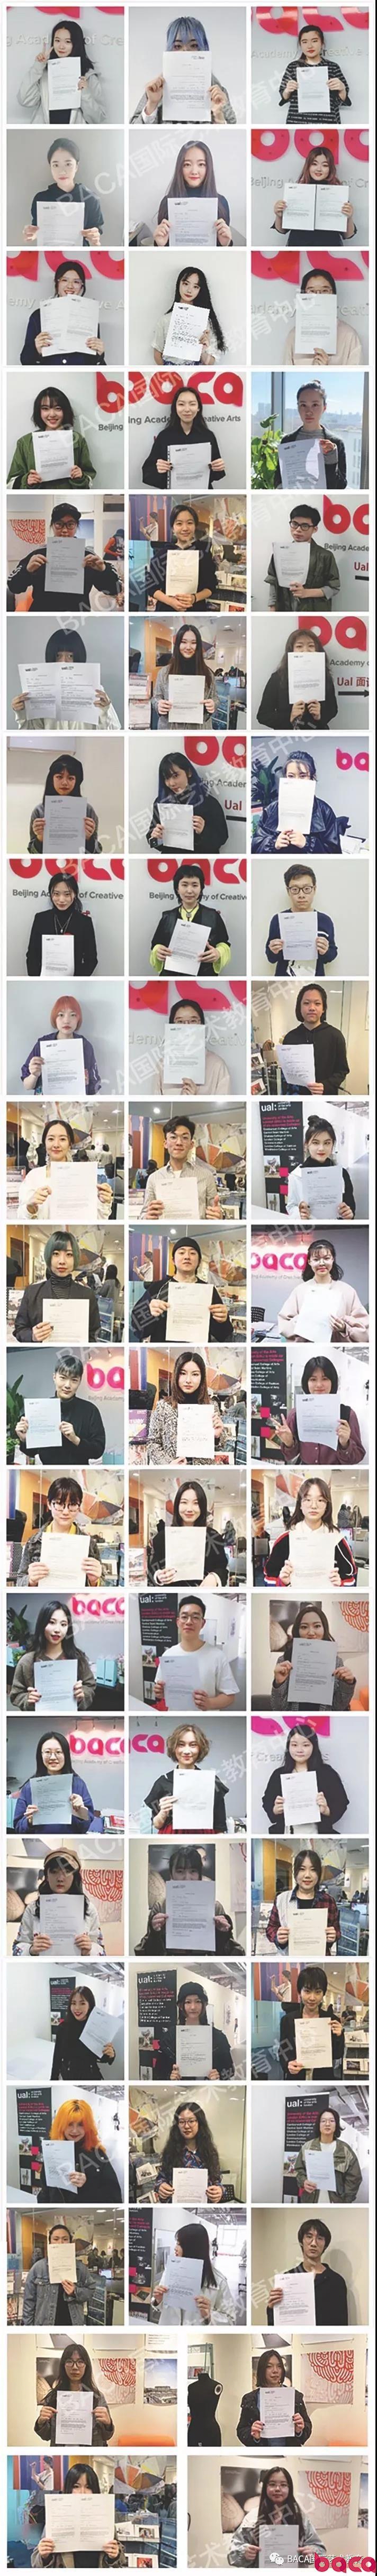 伦敦艺术大学北京面试2019 BACA国际艺术学校